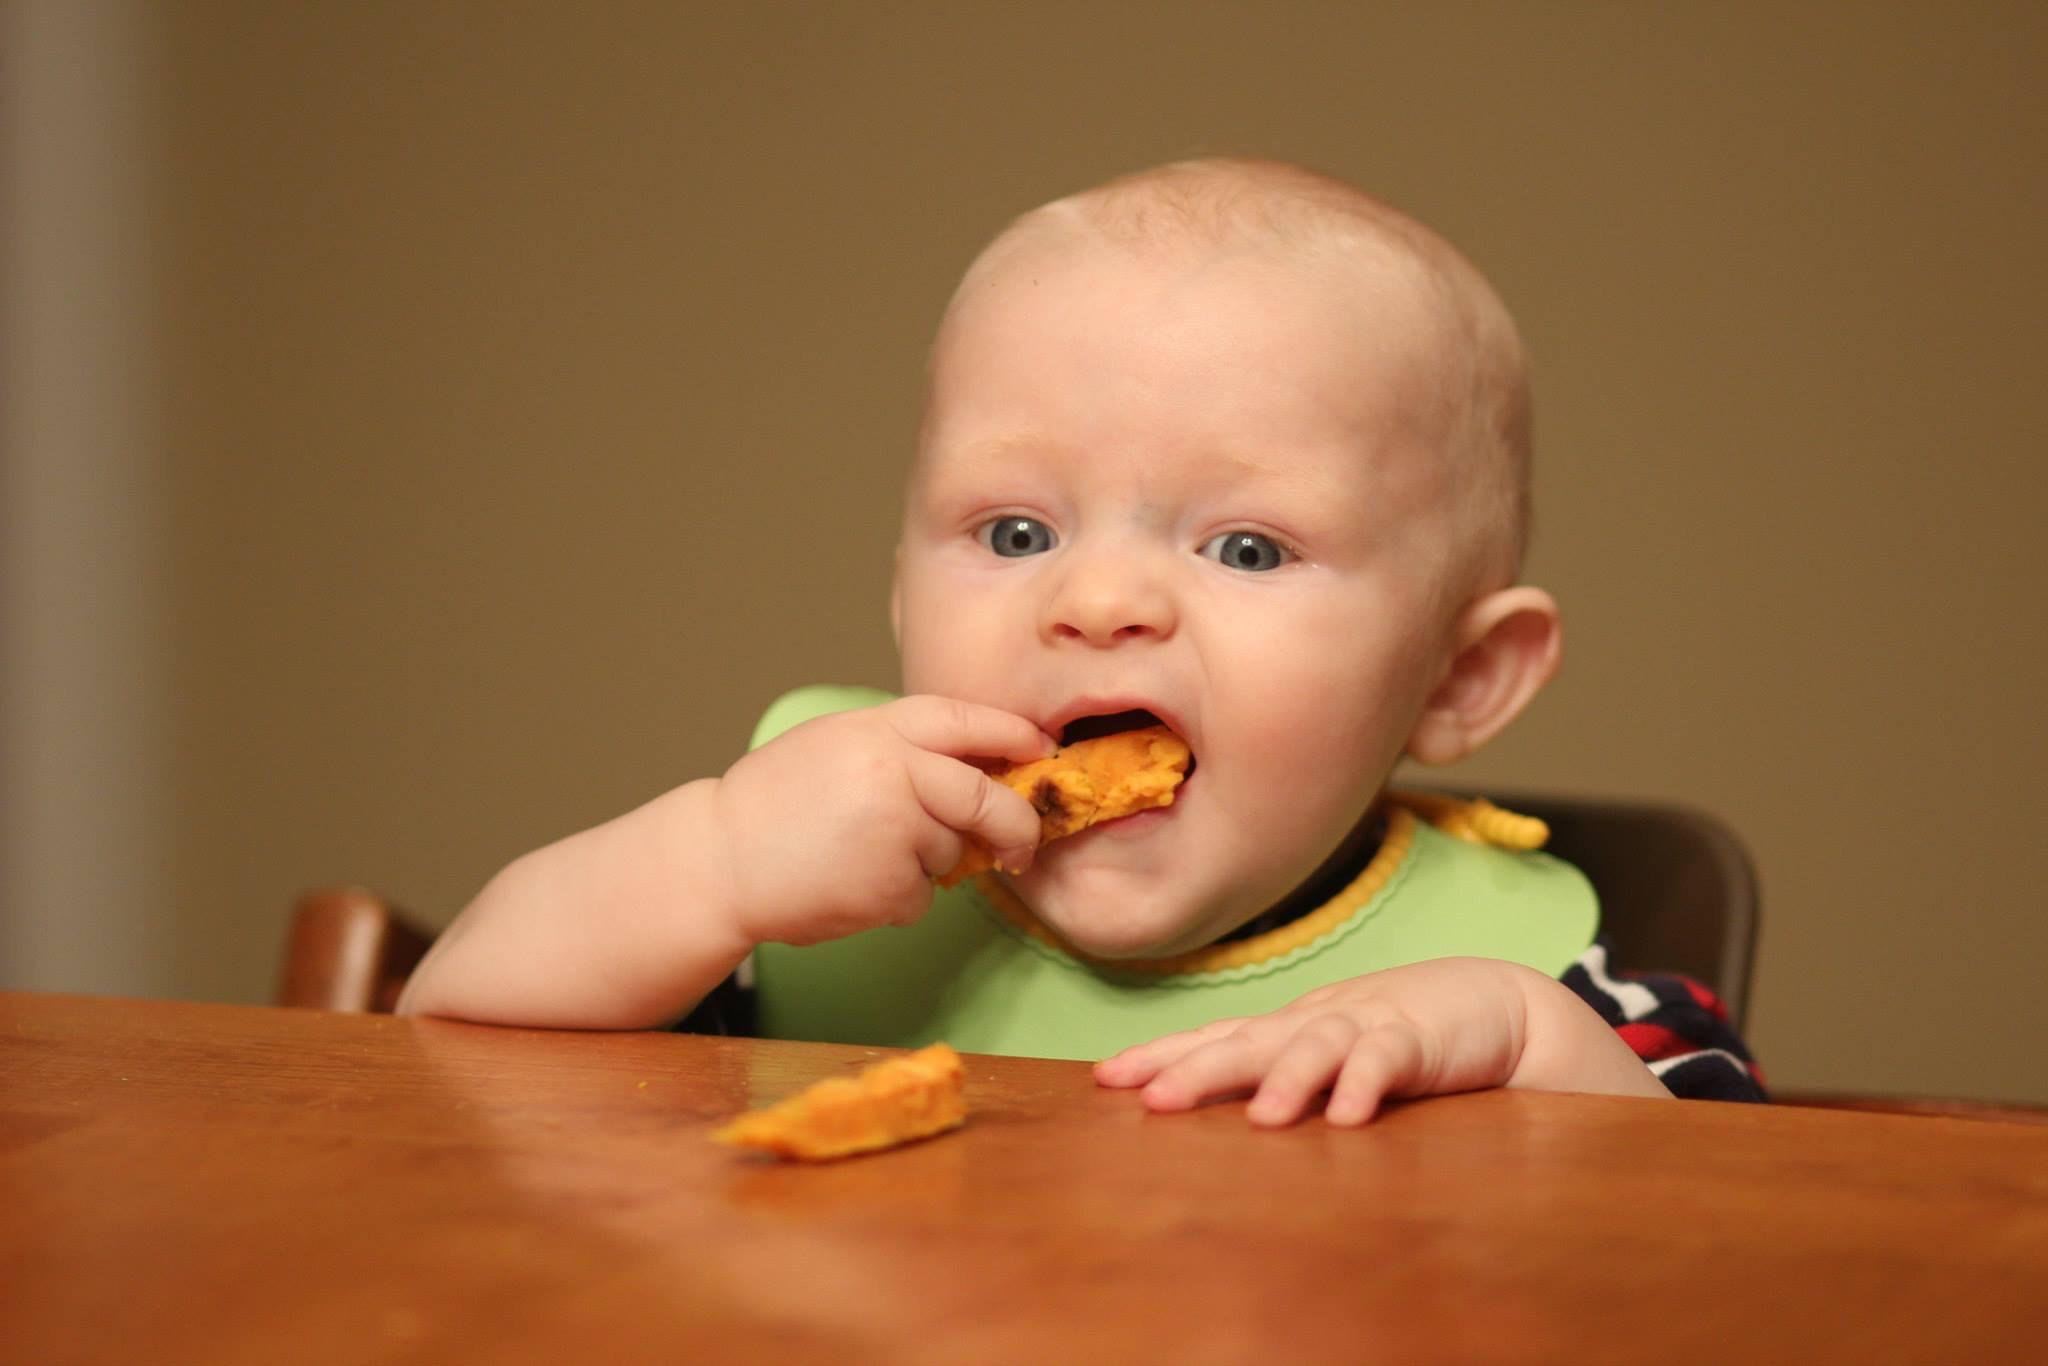 Kid #3, 6 months